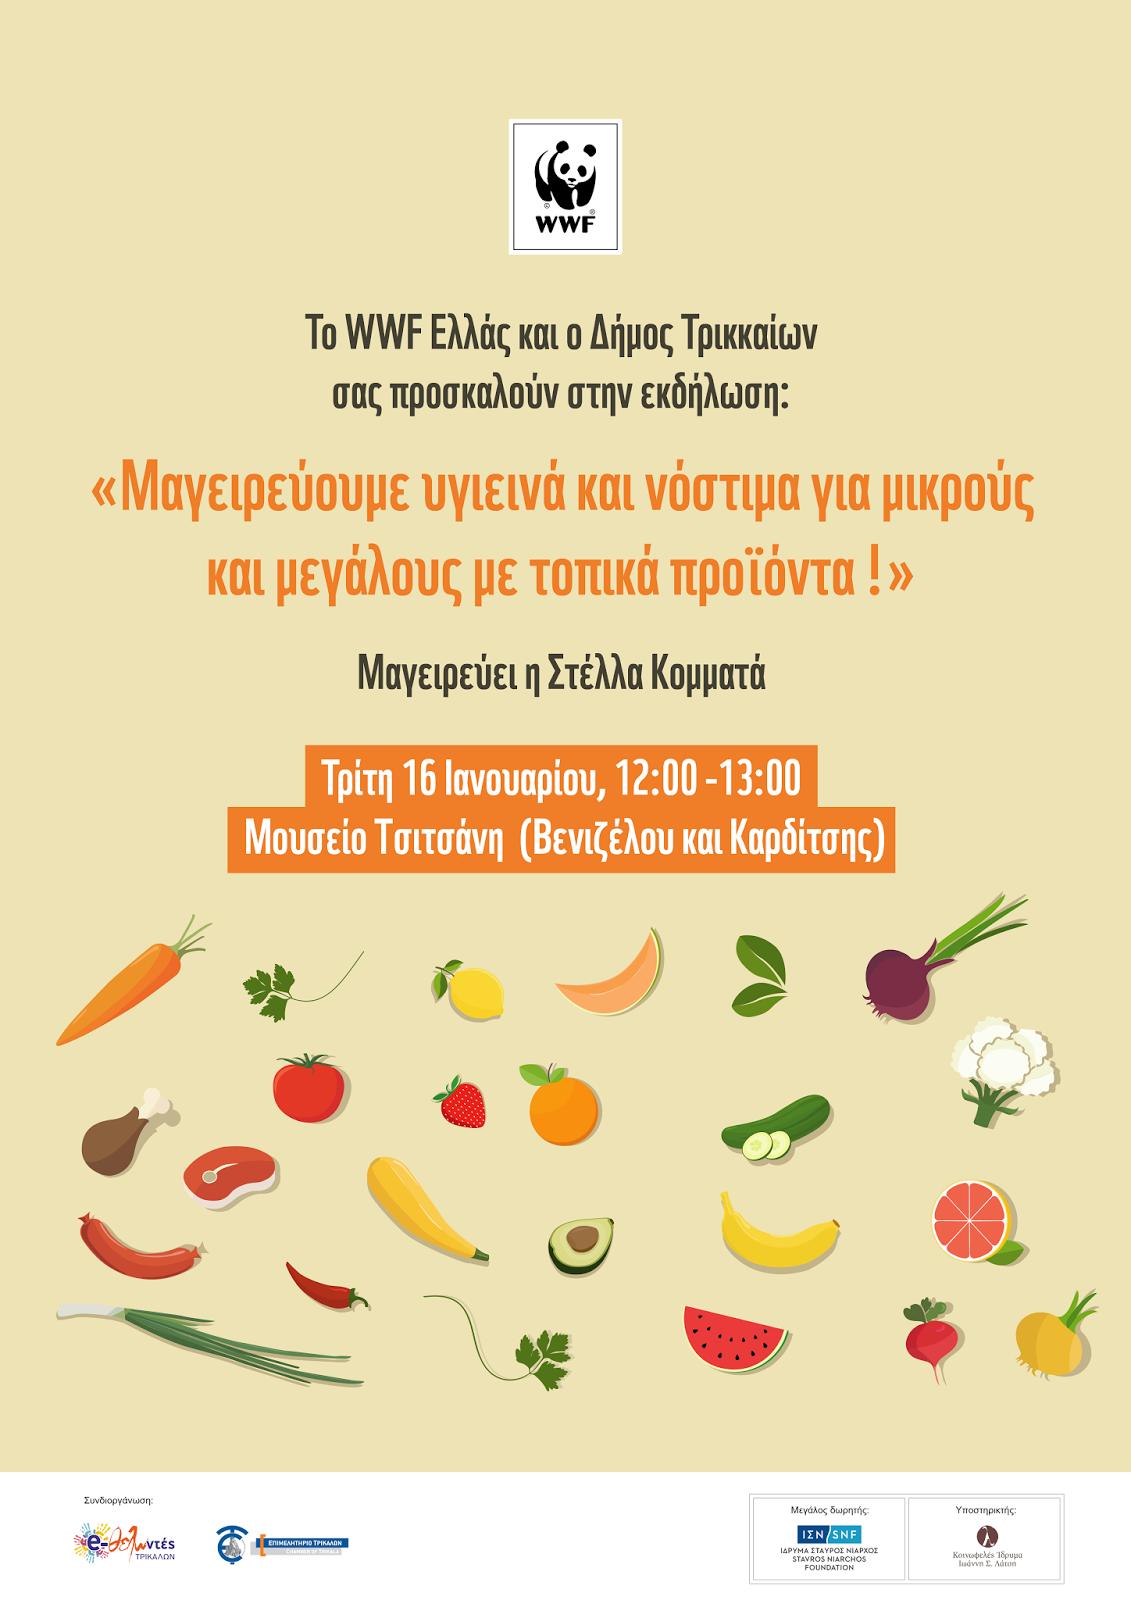 Από τα Τρίκαλα ξεκίνησε σήμερα η πανθεσσαλική εκστρατεία του WWF για τη διατροφή (ΦΩΤΟ)